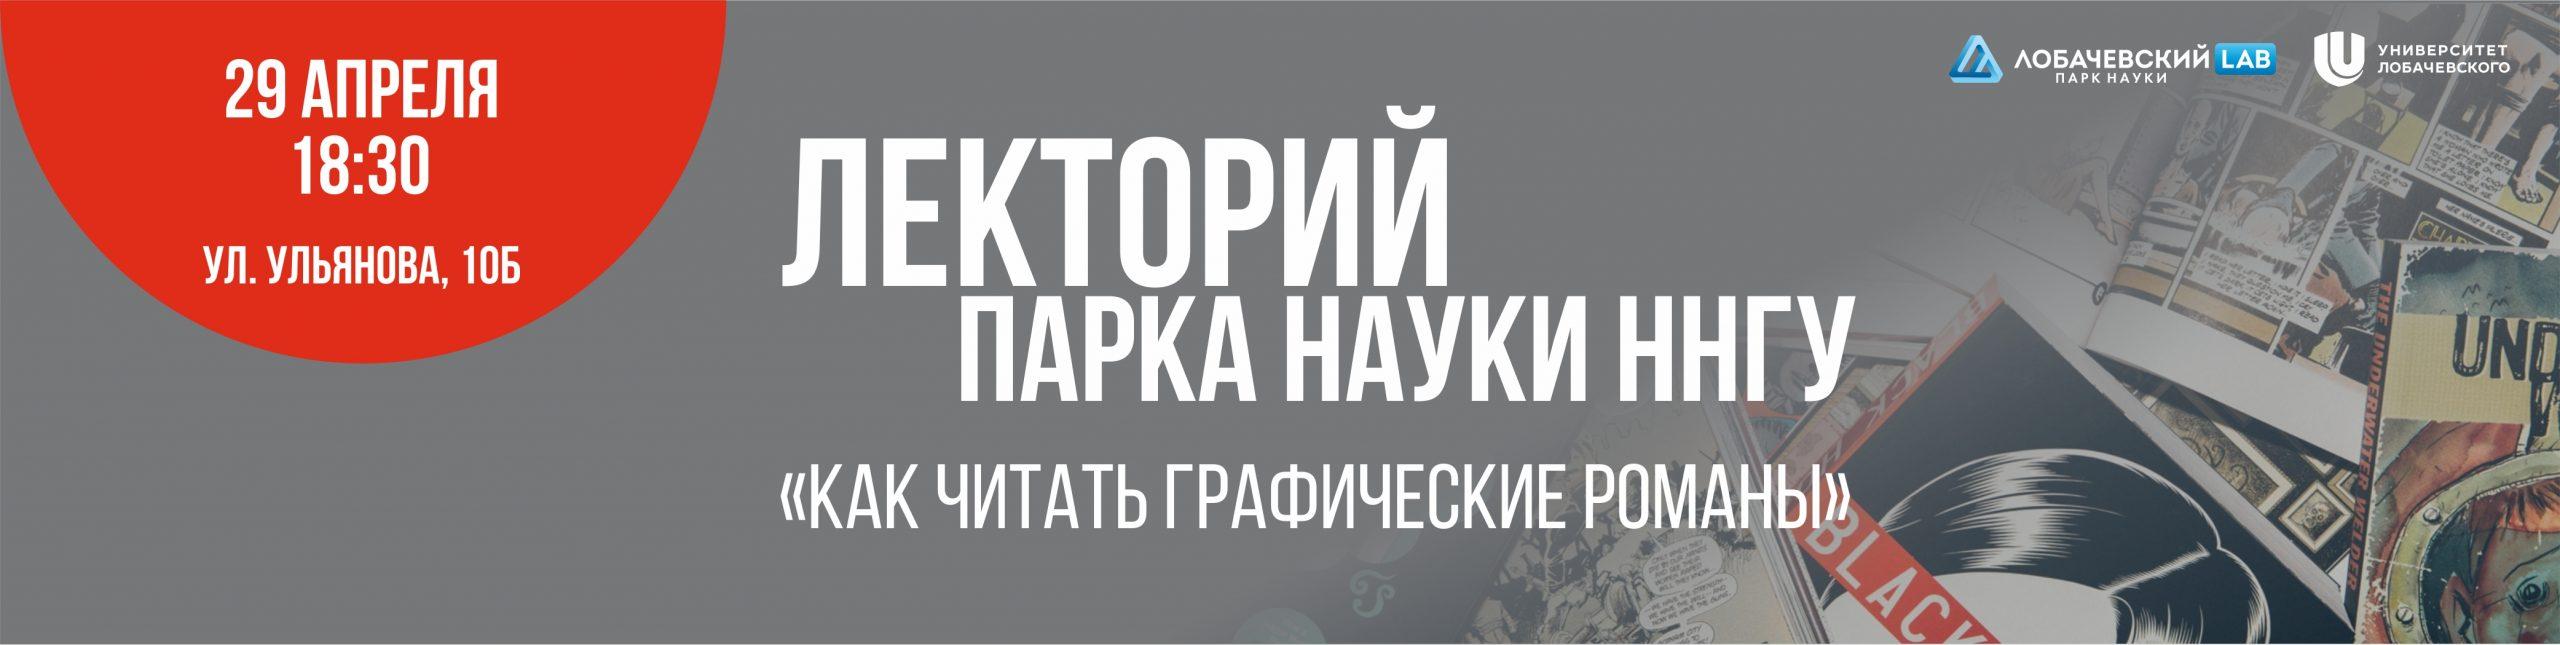 Лекция Александра Колесникова «Как читать графические романы»